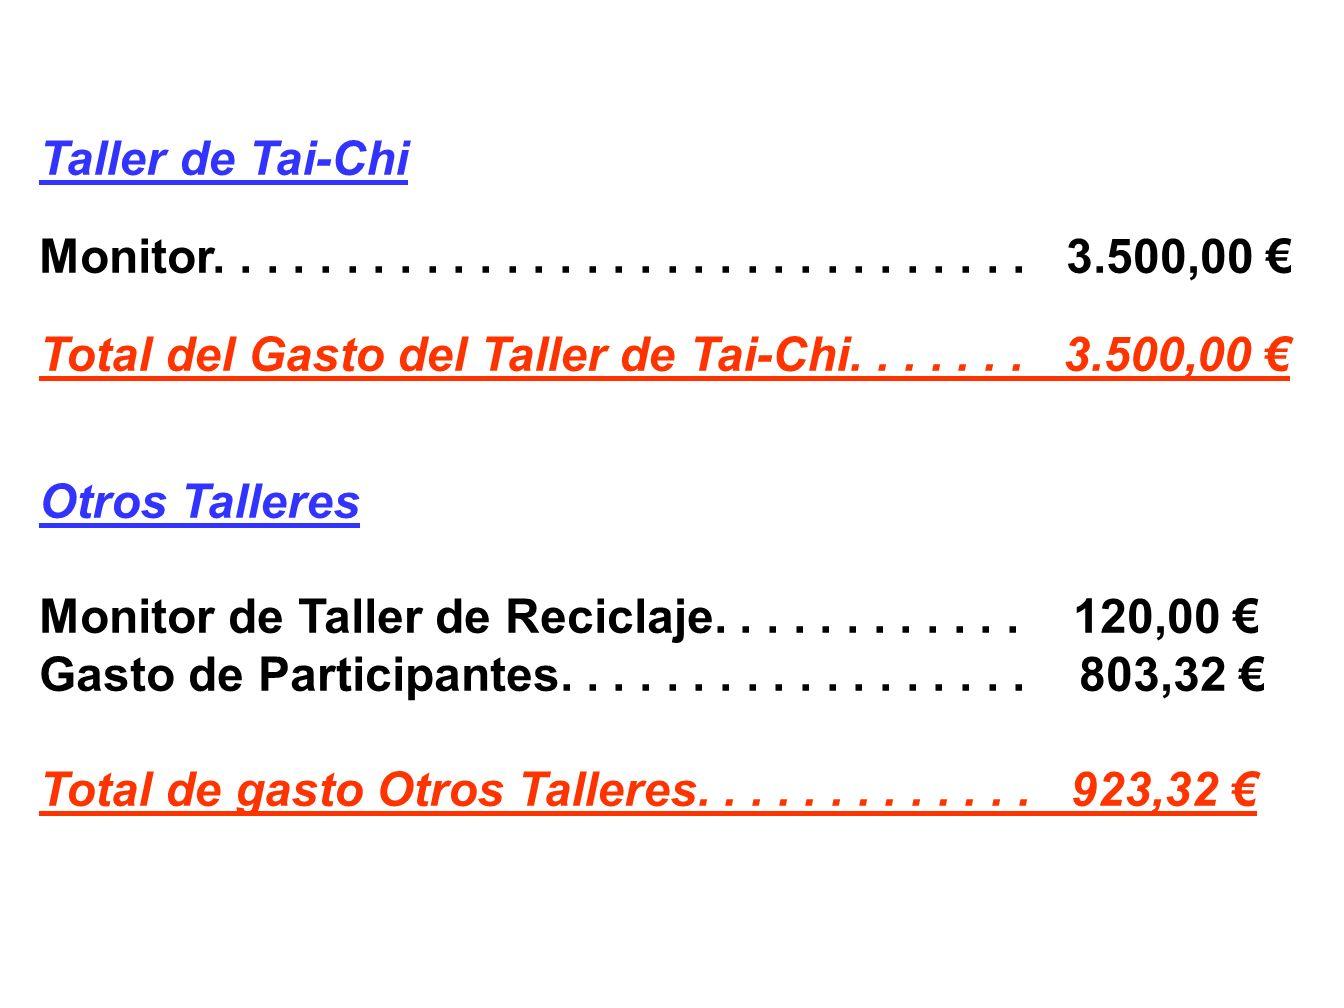 Talleres de Psicología (Ayuntamiento de La Solana) Monitor Talleres Autoestima, Pensamiento Positivo y Habilidades Sociales...........